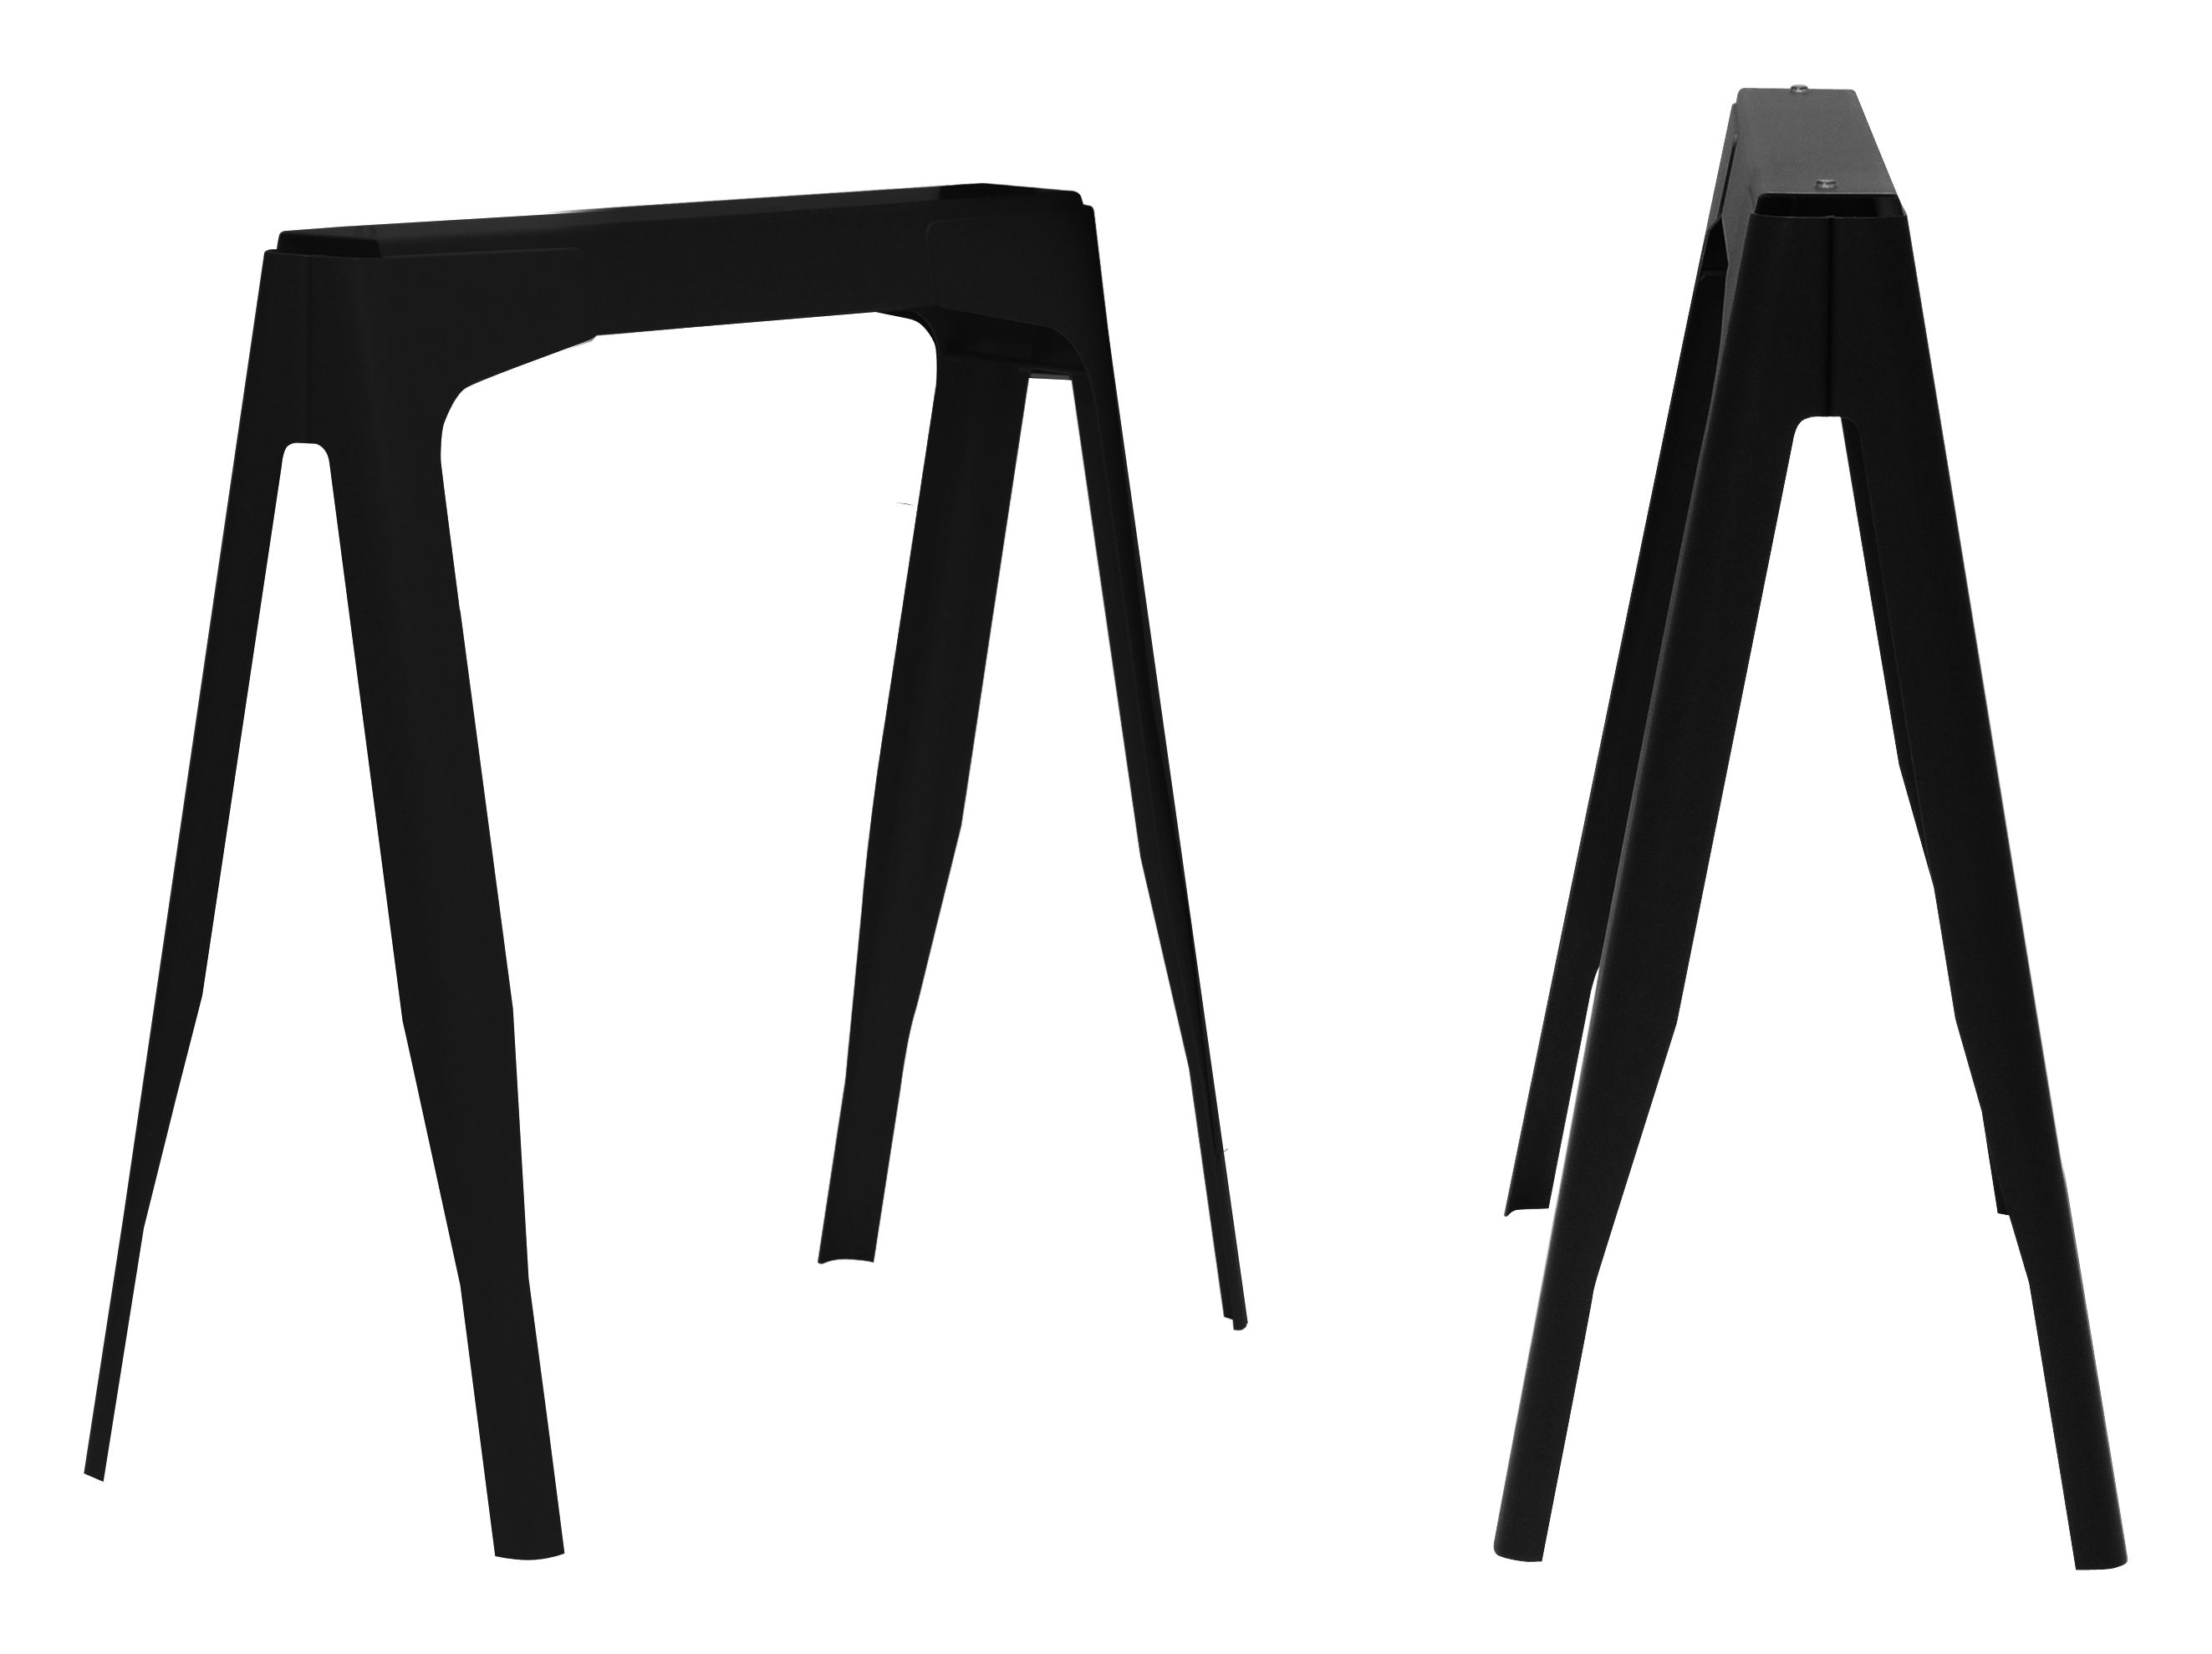 Mobilier - Bureaux - Paire de tréteaux Y / acier laqué - Tolix - Noir laqué brillant - Acier recyclé laqué